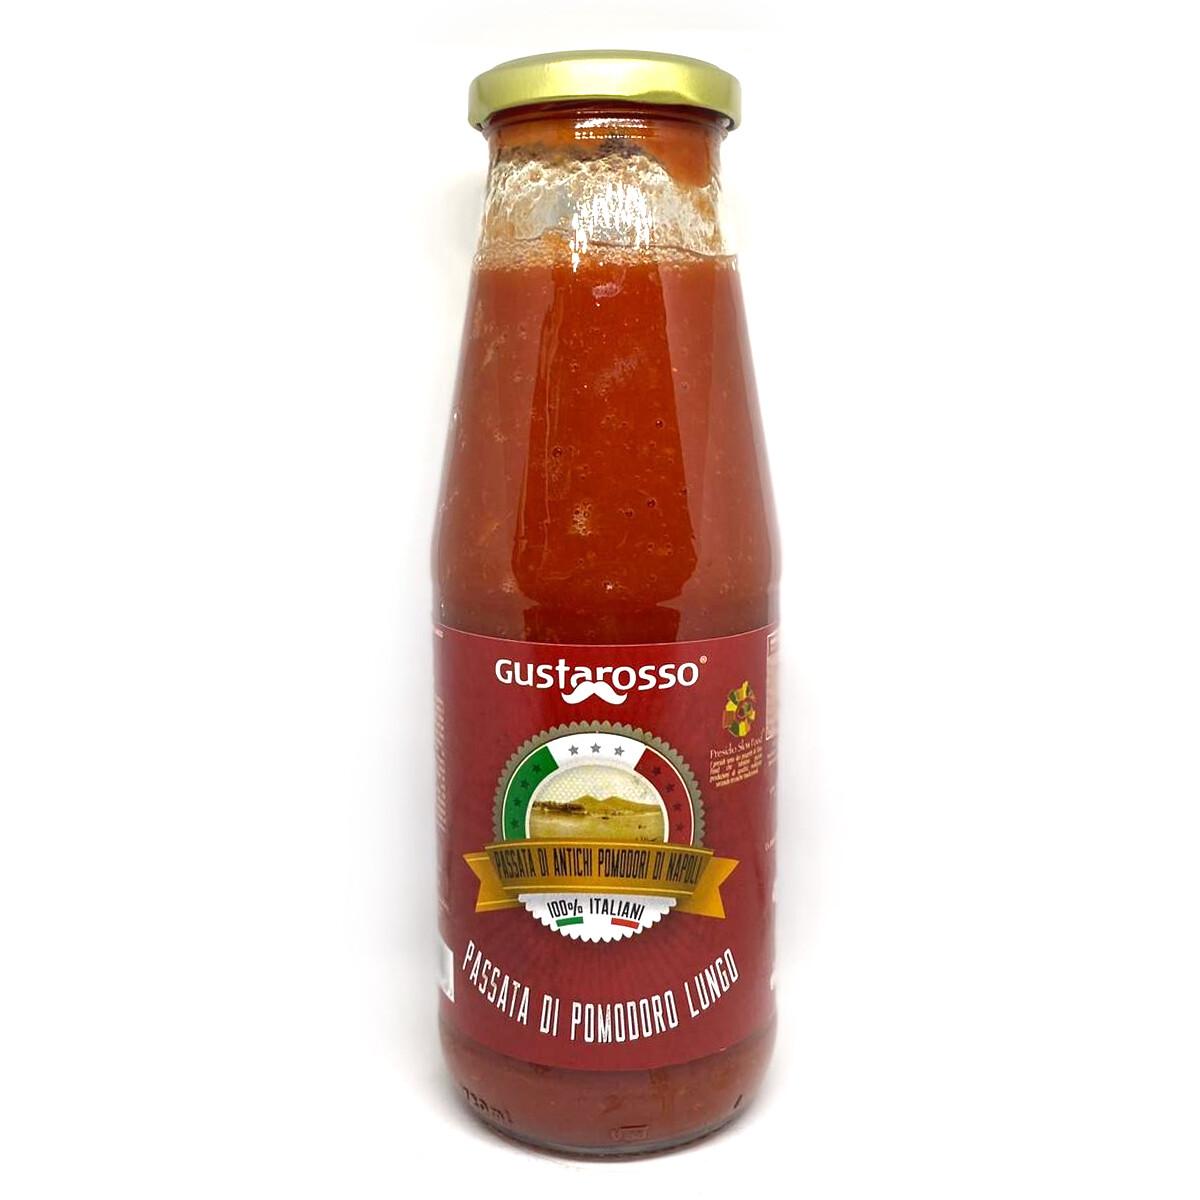 Passata di pomodoro lungo - Pomodori campani 100% italiani - conf 12 bottiglie